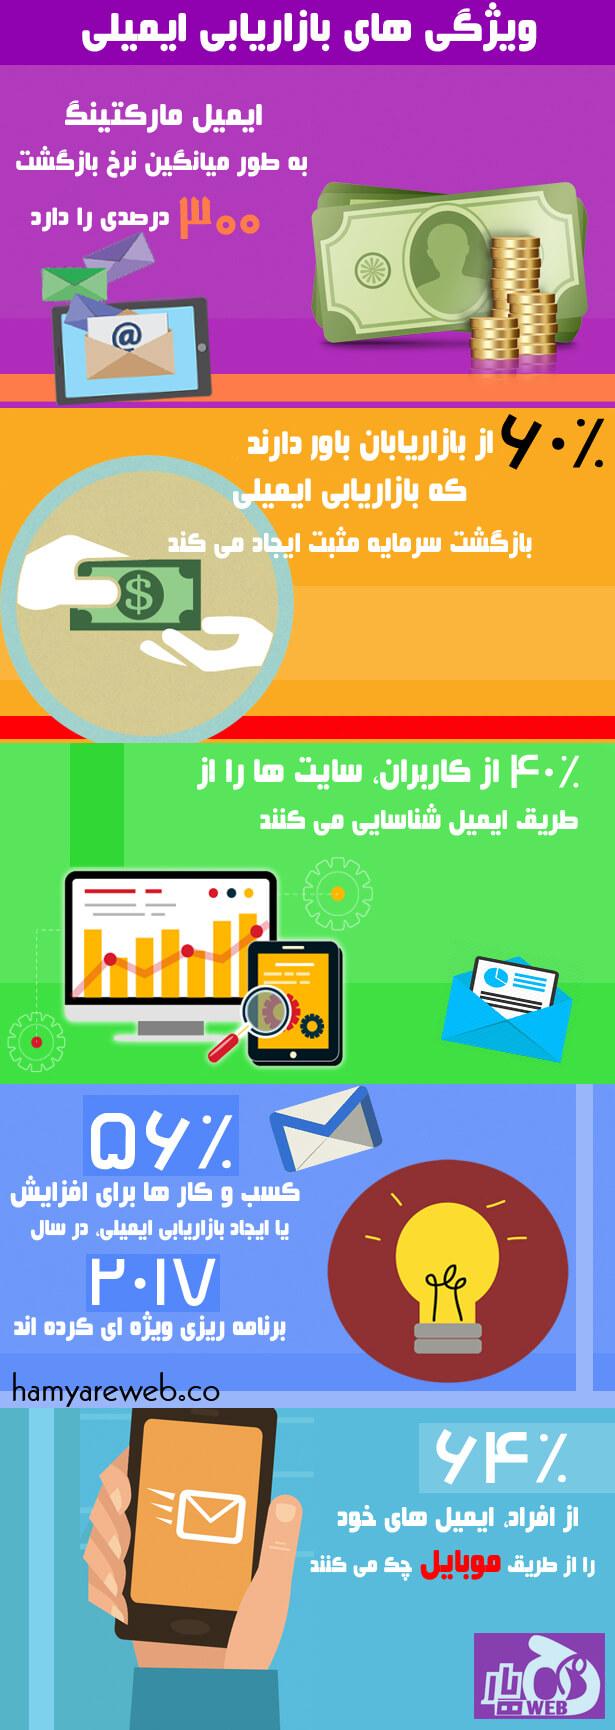 اینفوگرافیک ایمیل مارکتینگ